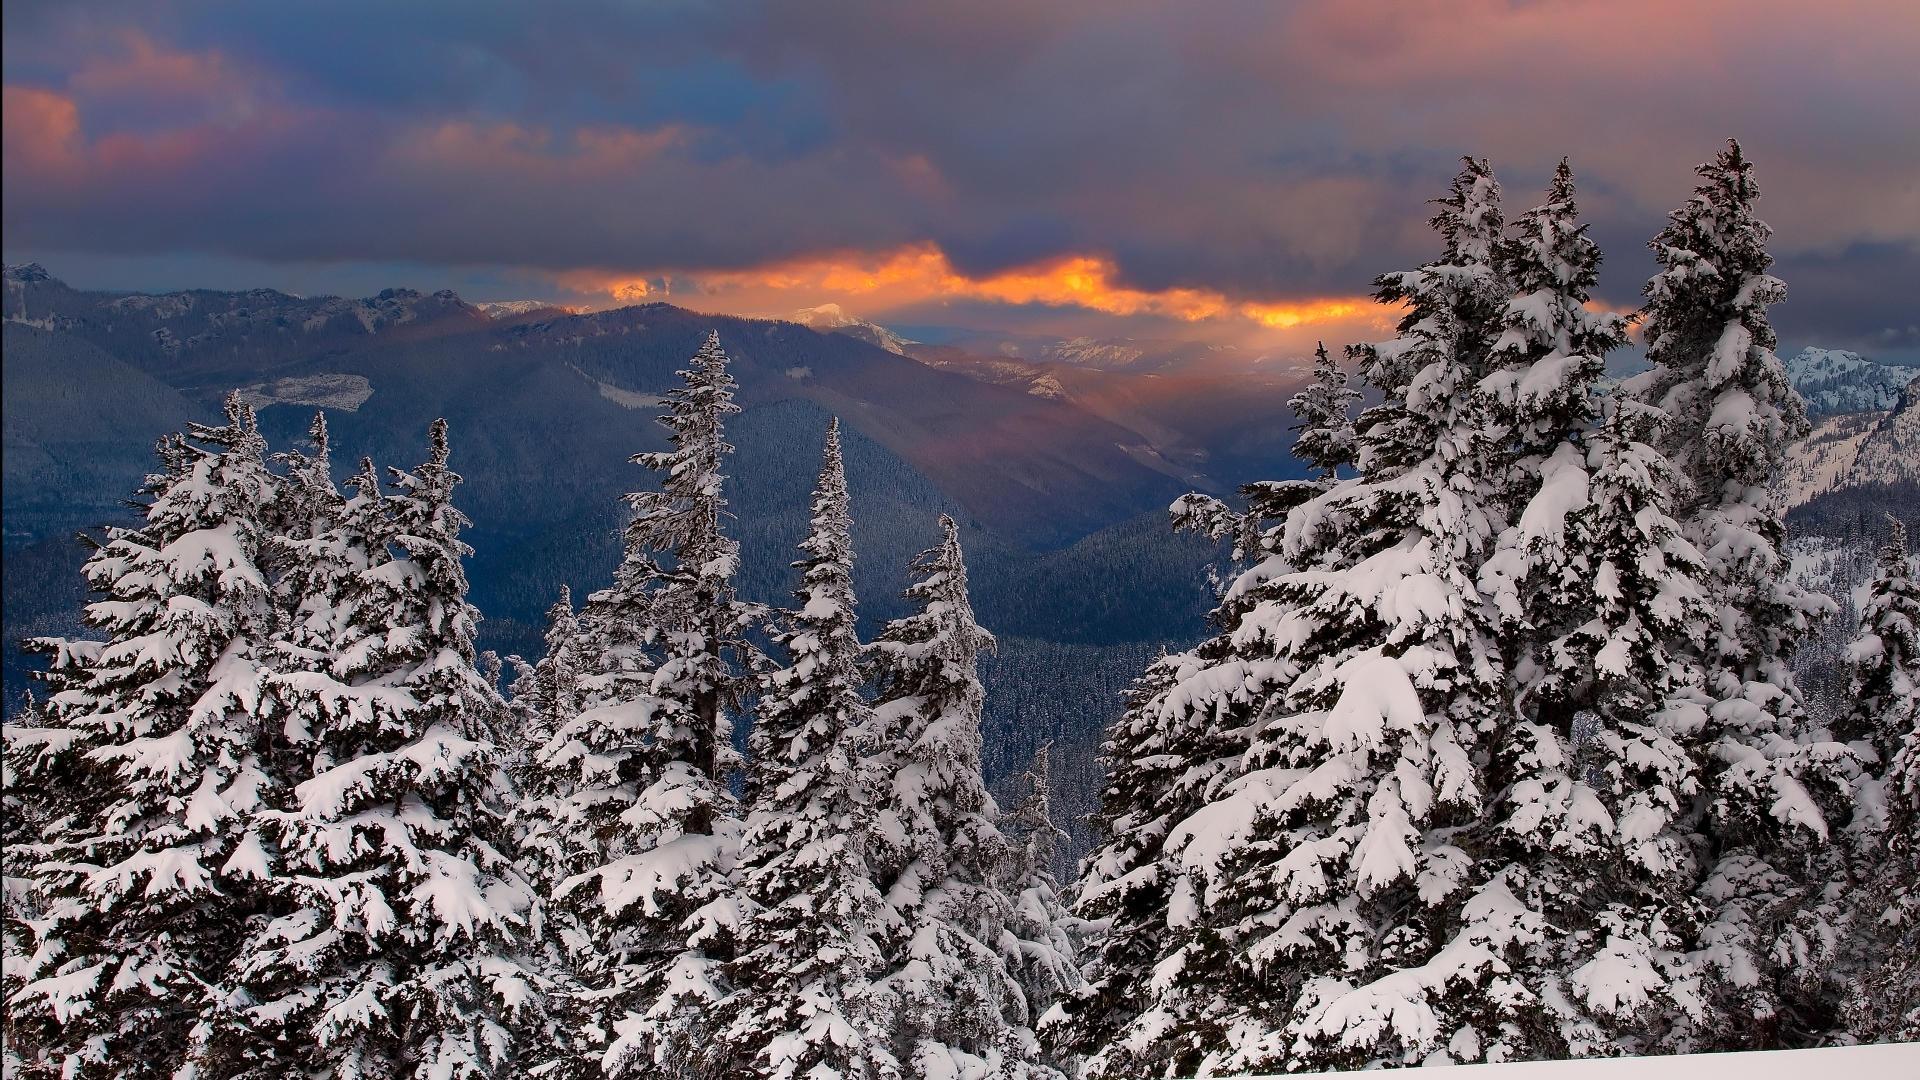 42758 скачать обои Пейзаж, Зима - заставки и картинки бесплатно